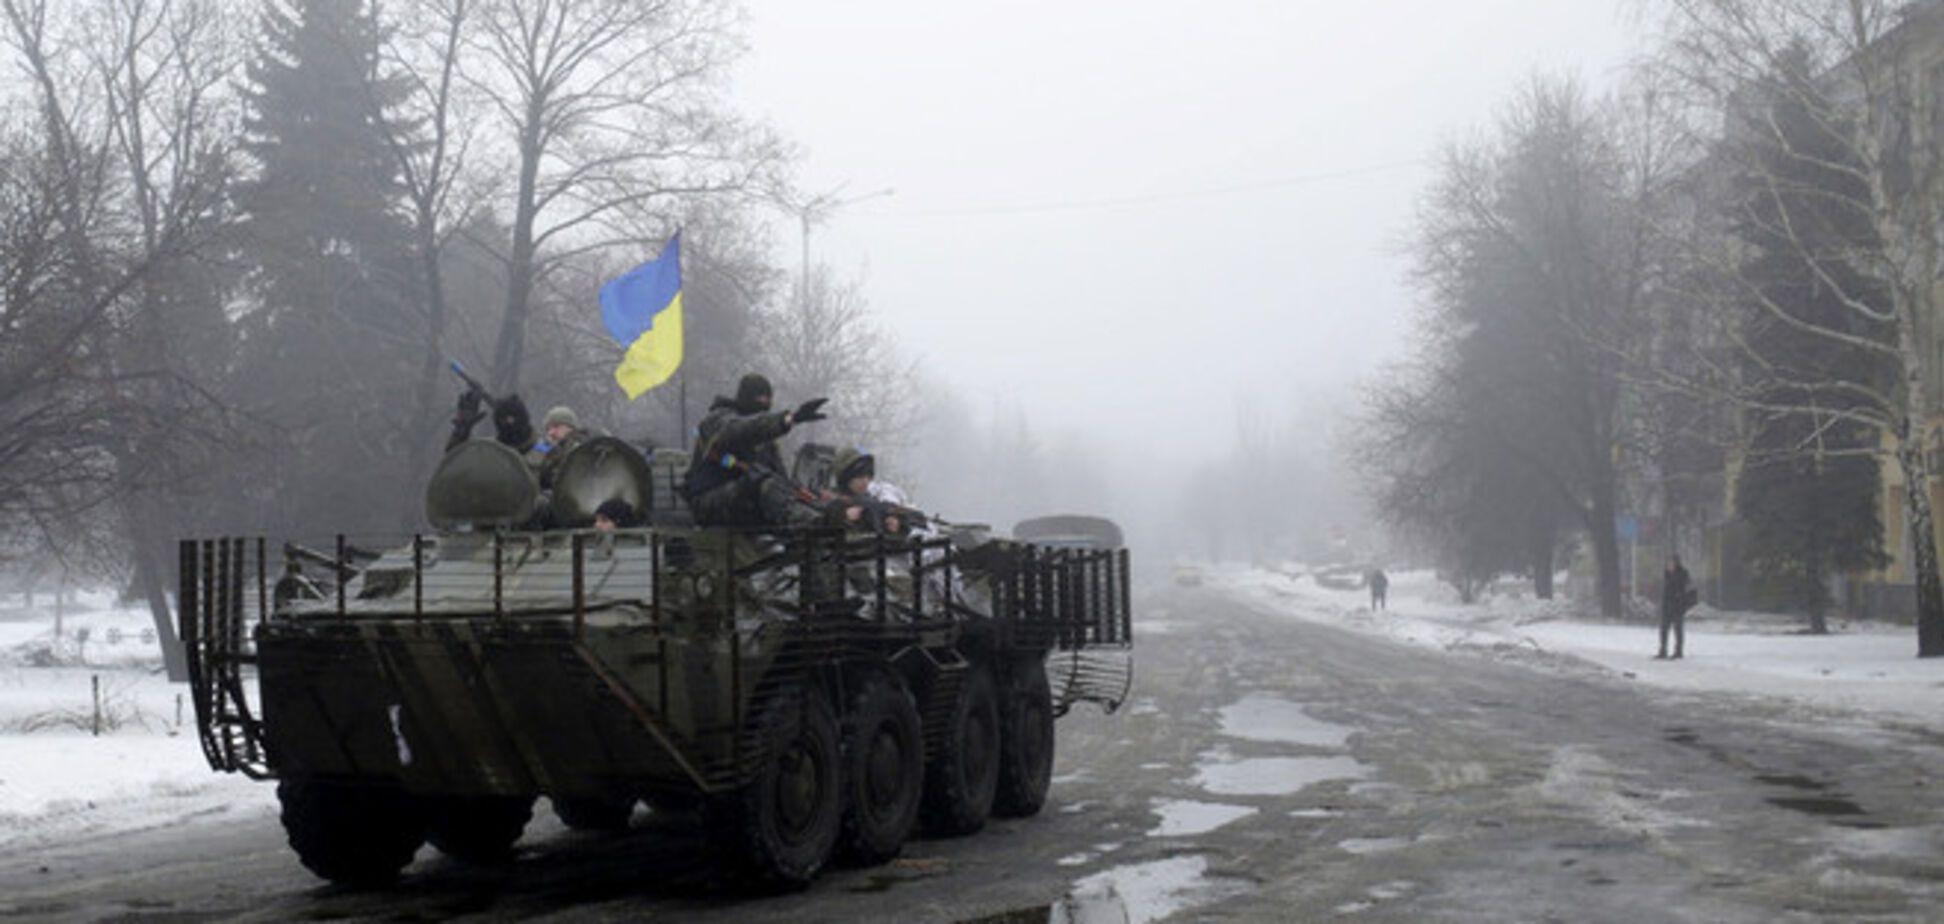 Партизаны помогли бойцам АТО разбомбить позиции террористов в Еленовке